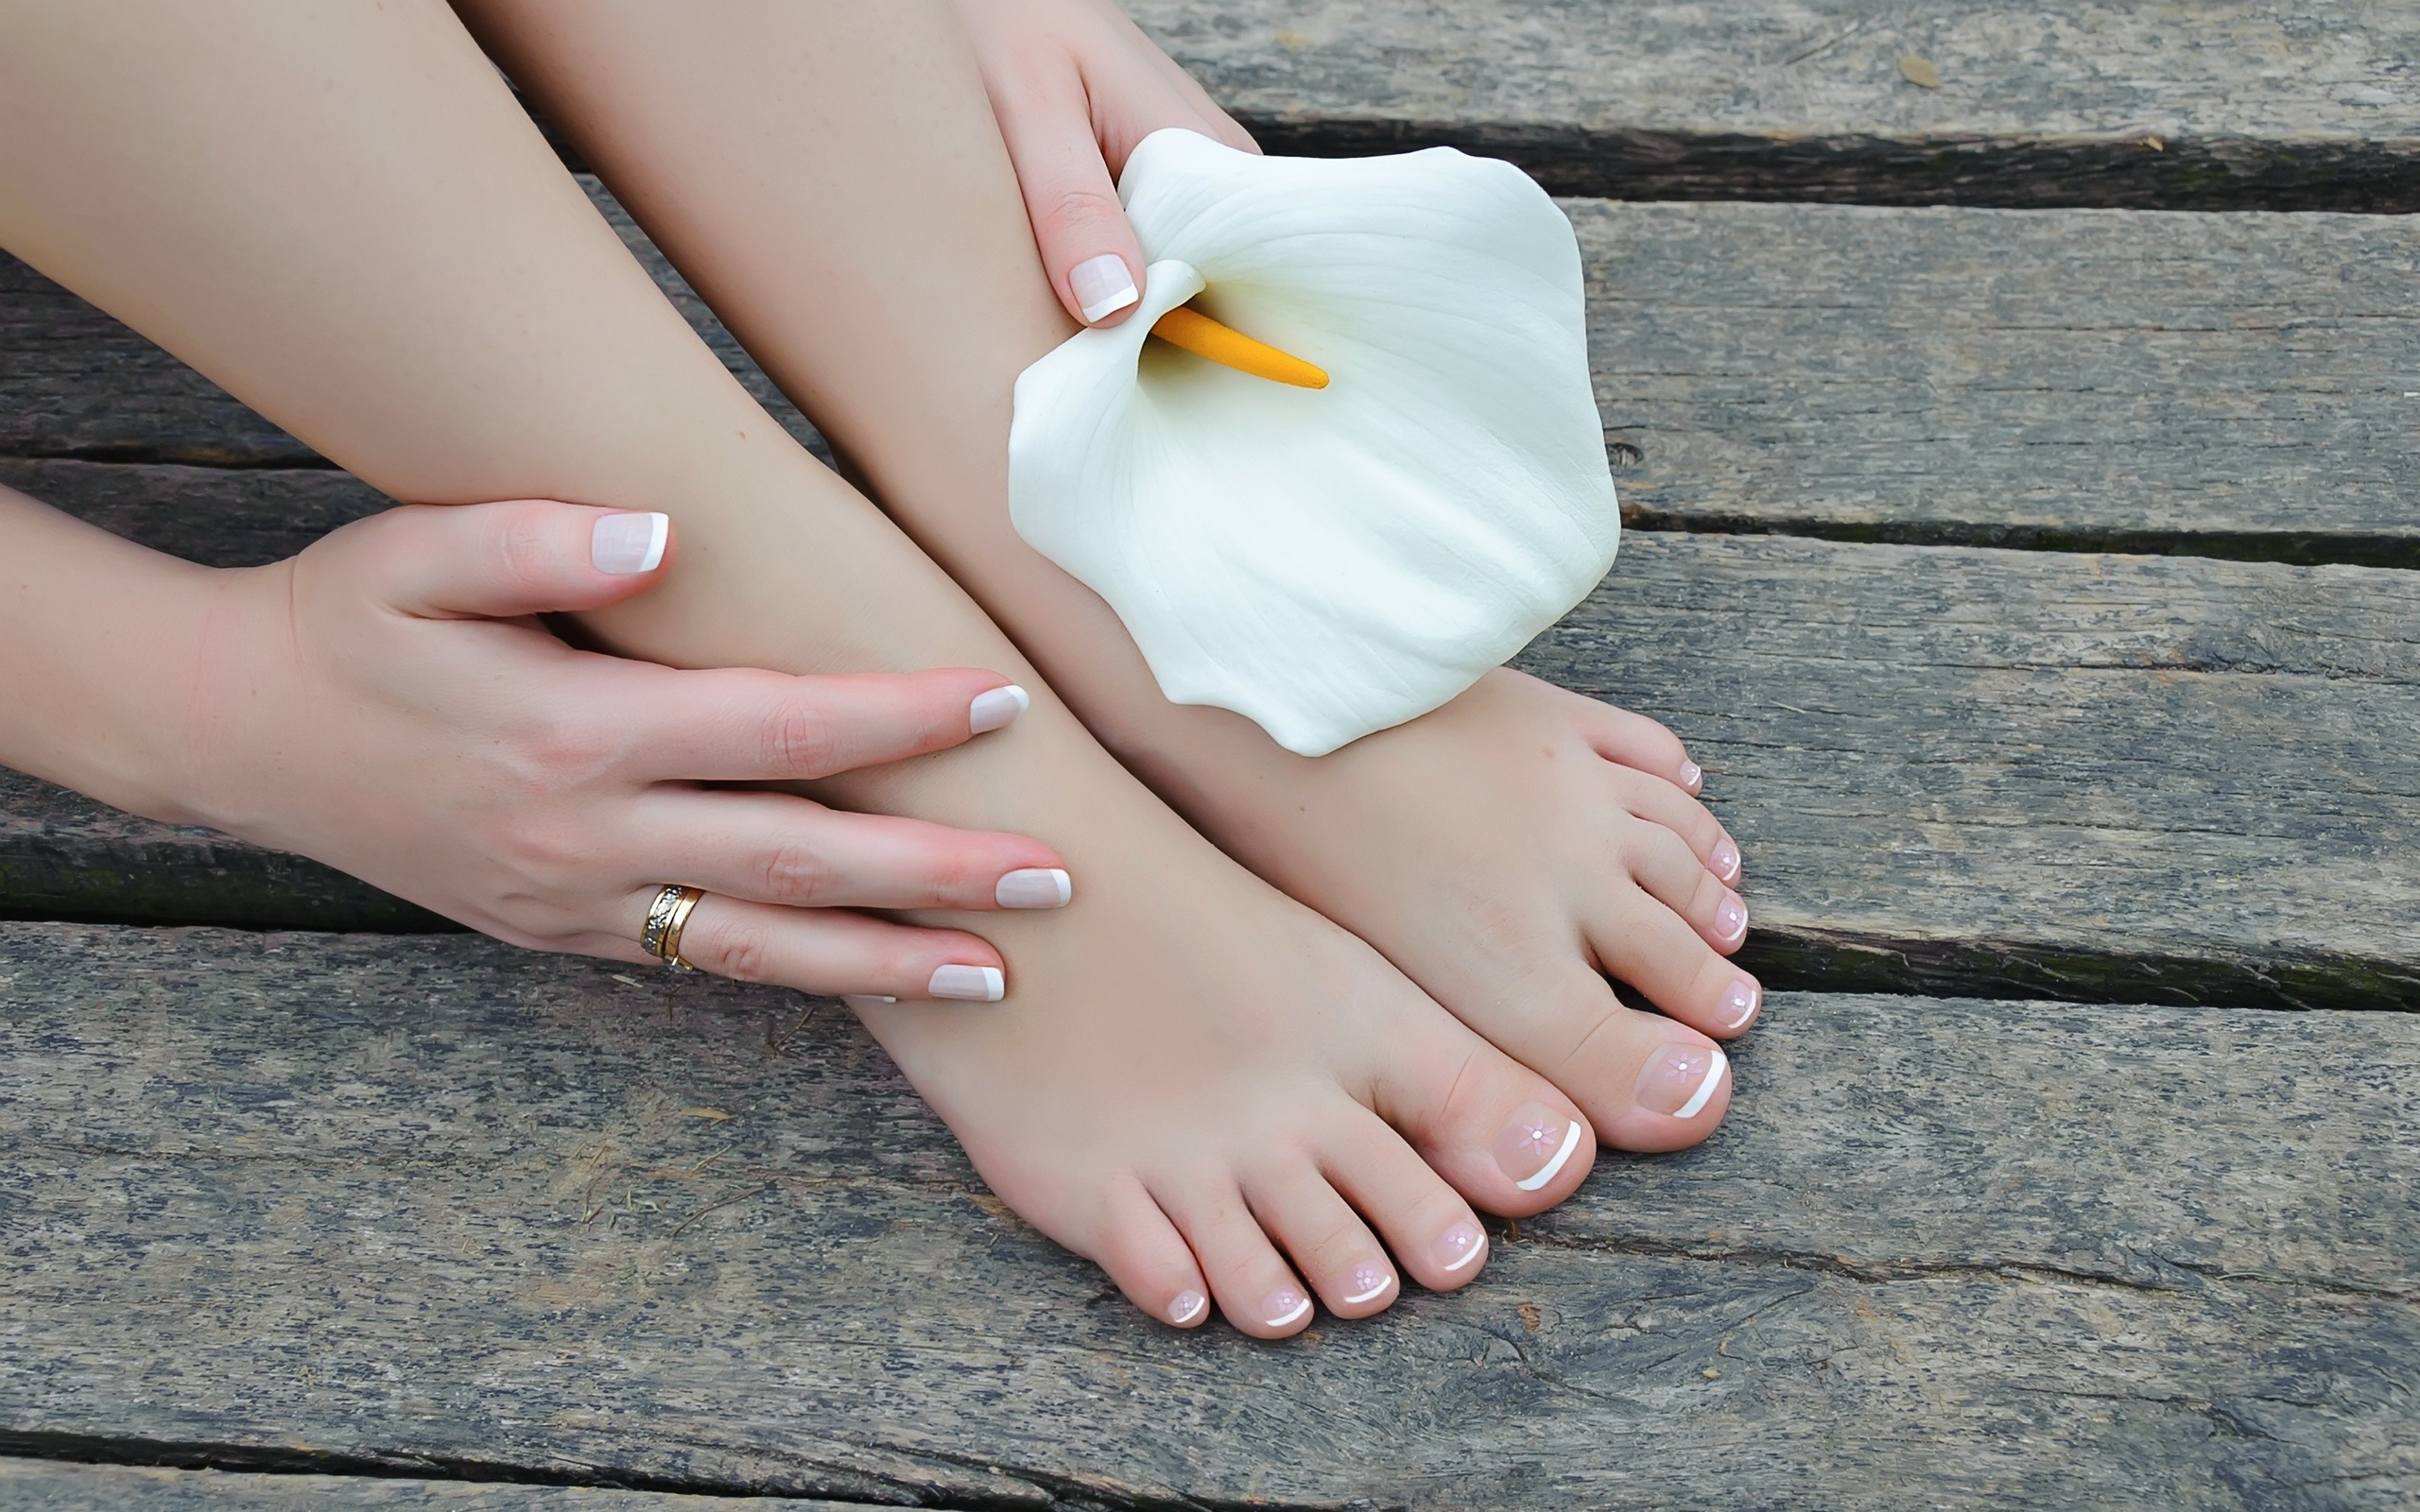 девушка, ножки, рука, цветок